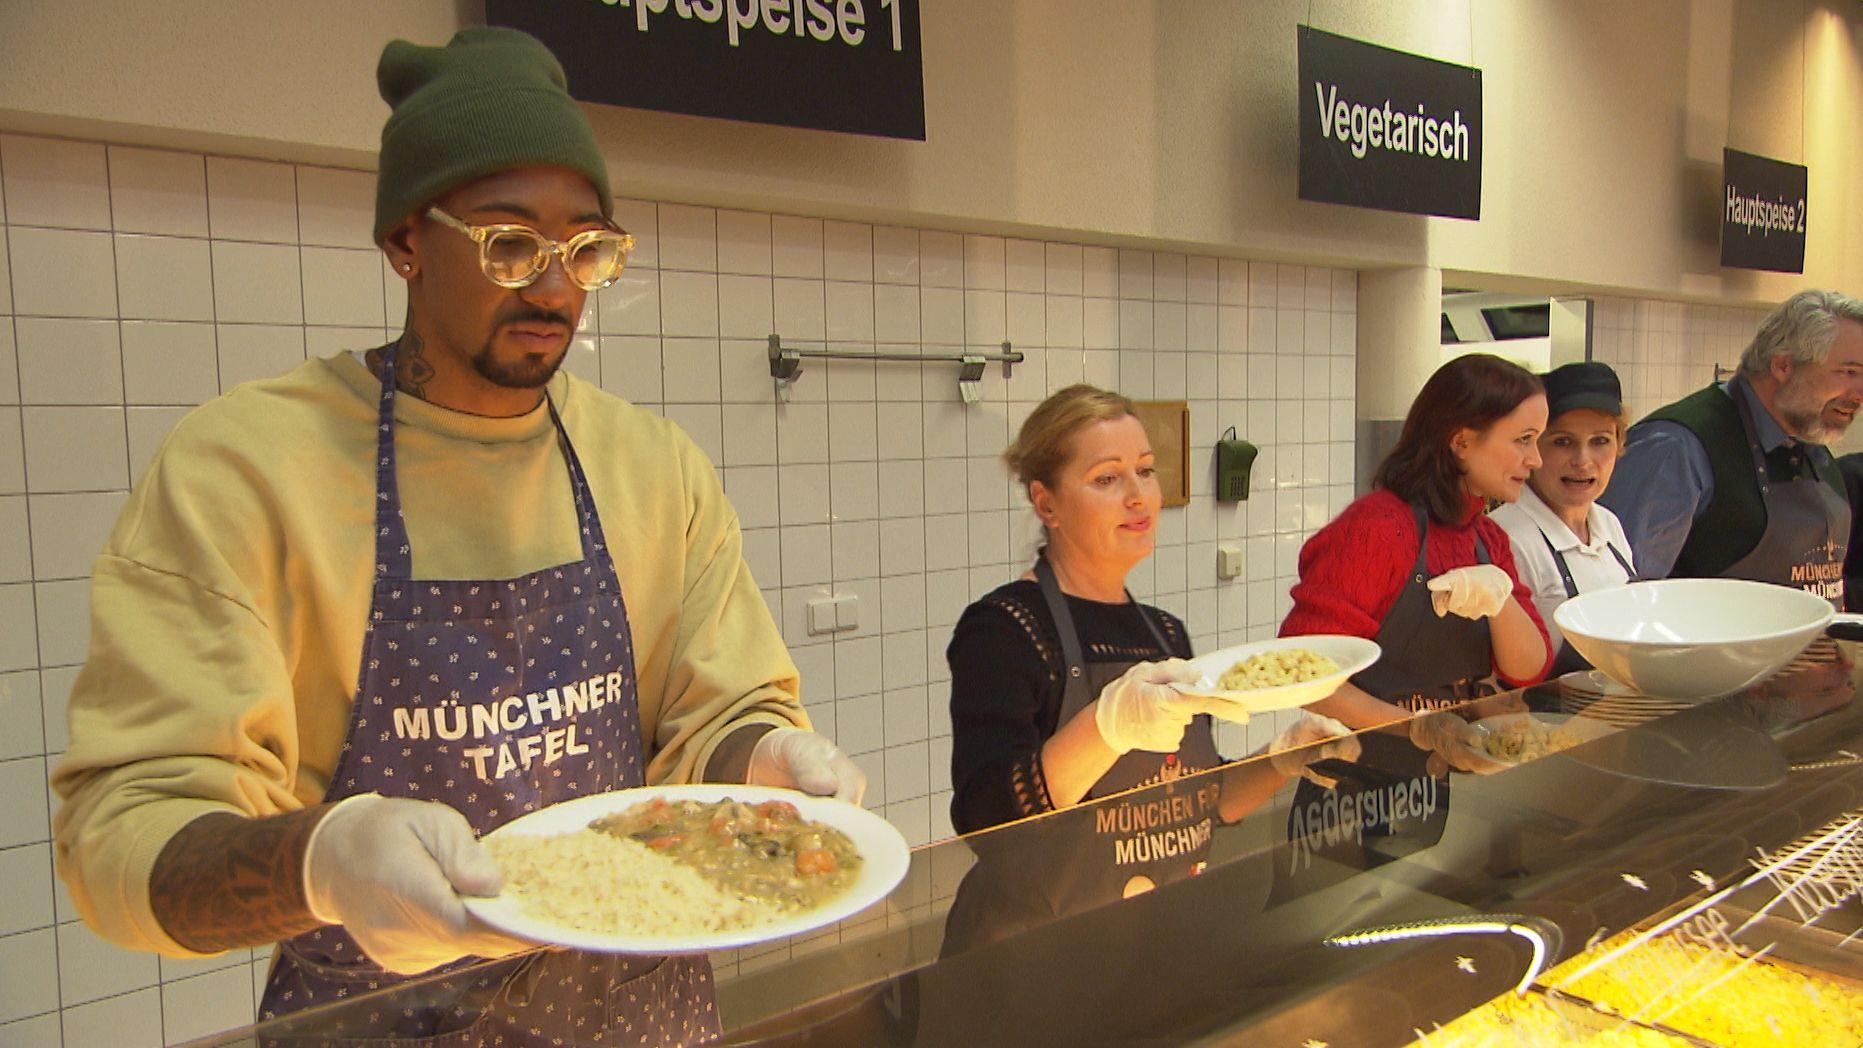 Promis geben Speisen bei der Münchner Tafel aus.